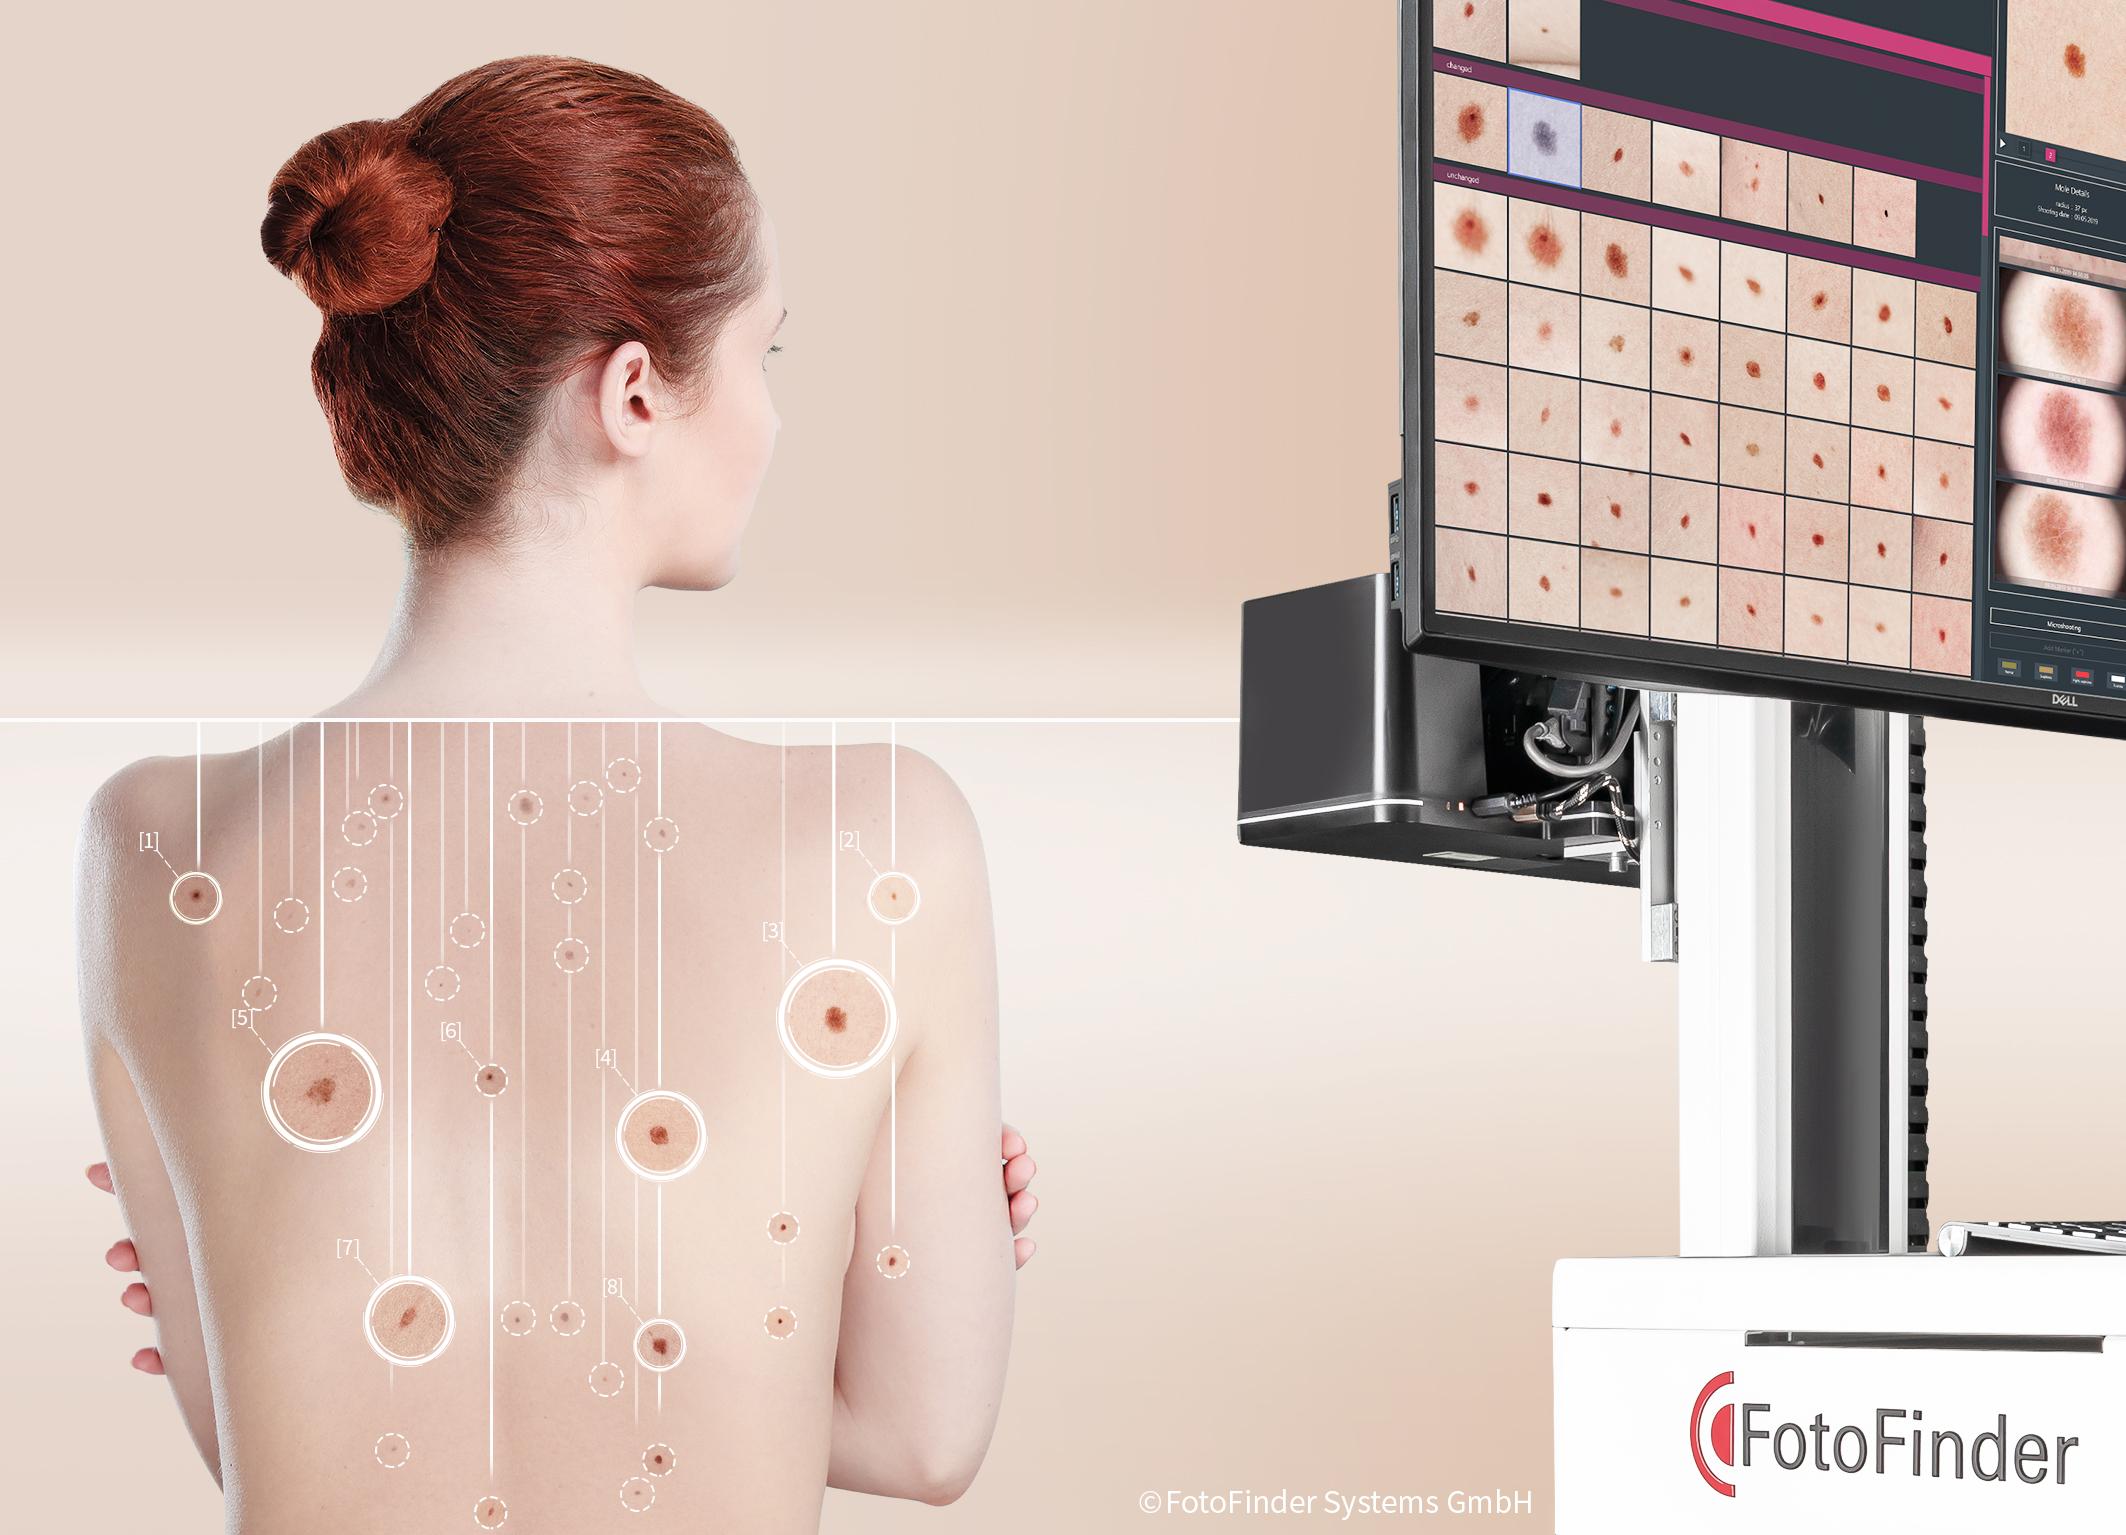 Inteligenţa artificială poate ajuta la detectarea timpurie a cancerului de piele